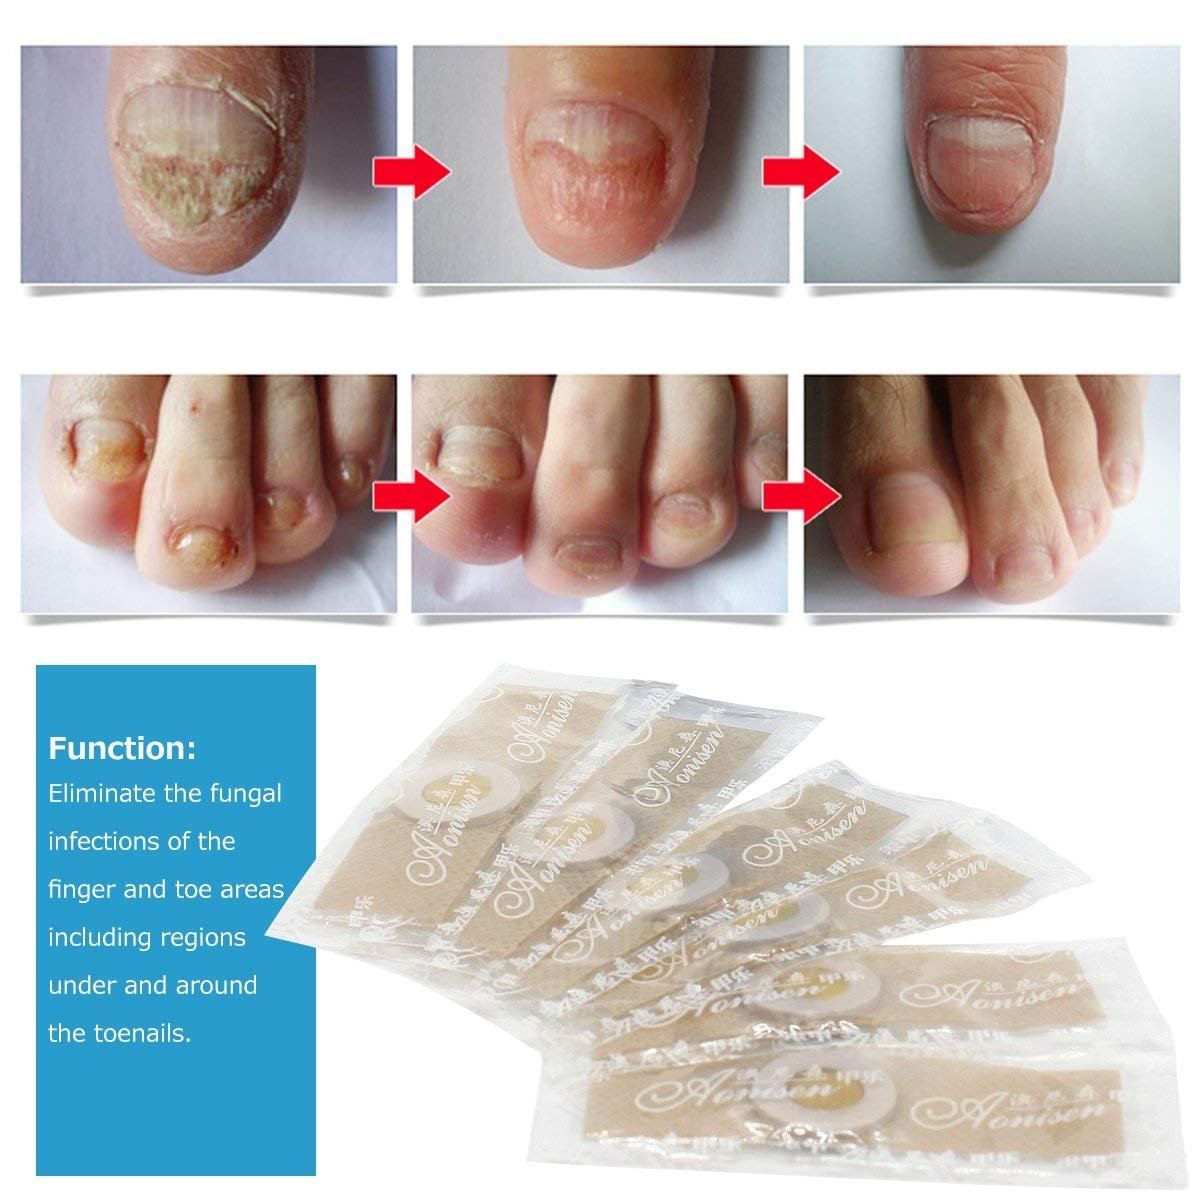 Nail Fungus,Antifungal Nail Treatment,Toenail Fungus Treatment,Antifungal Nail Gel,Removal of Fingernail and Toenail Fungus by LDREAMAM (Image #3)